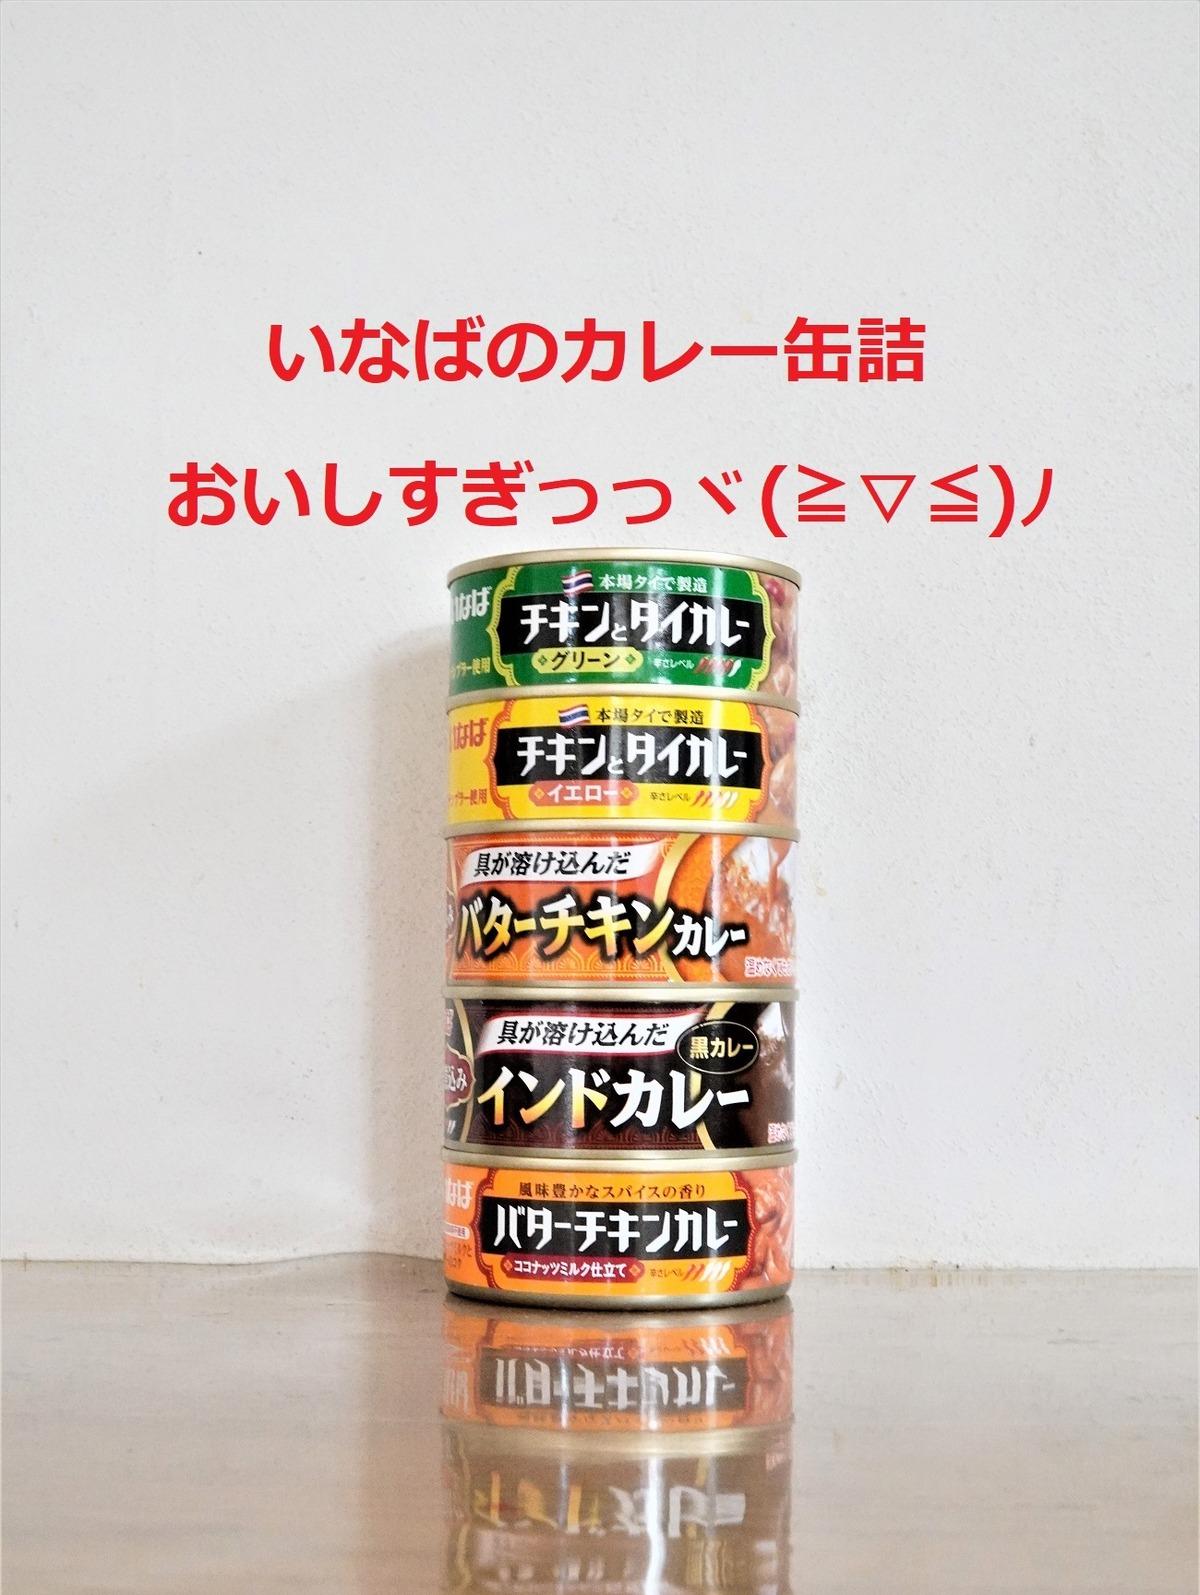 いなば缶詰3 - コピー